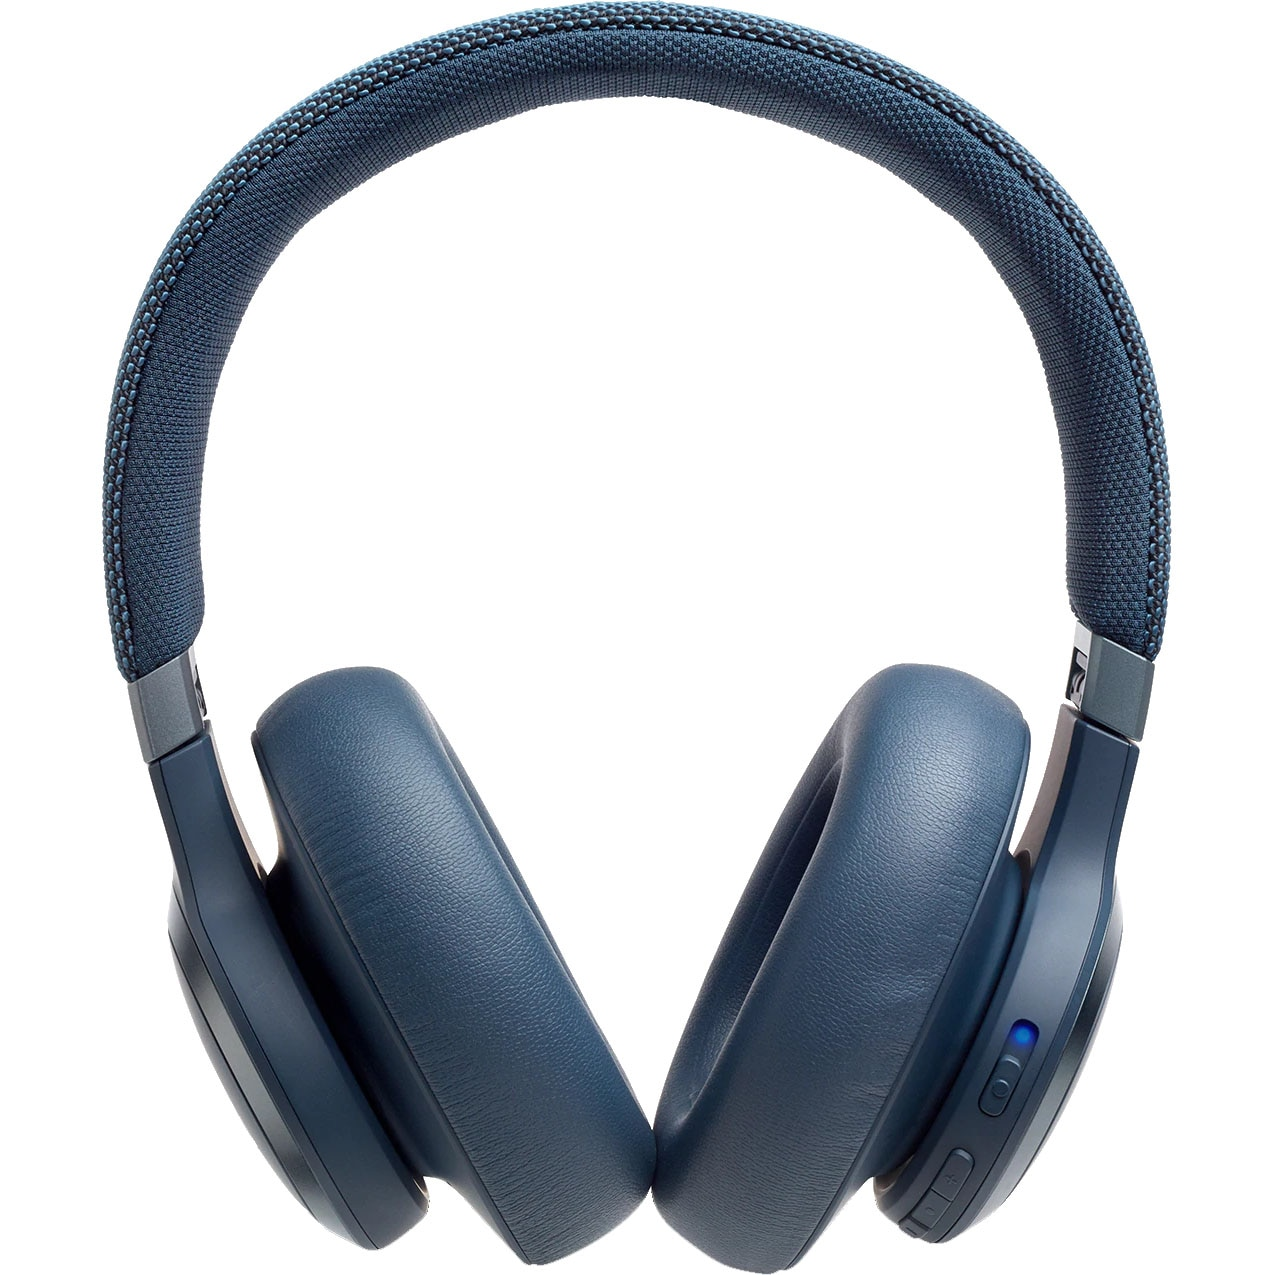 Fotografie Casti Audio Over the Ear JBL Live 650, Wireless, Bluetooth, Noise cancelling, Autonomie 30 ore, Albastru